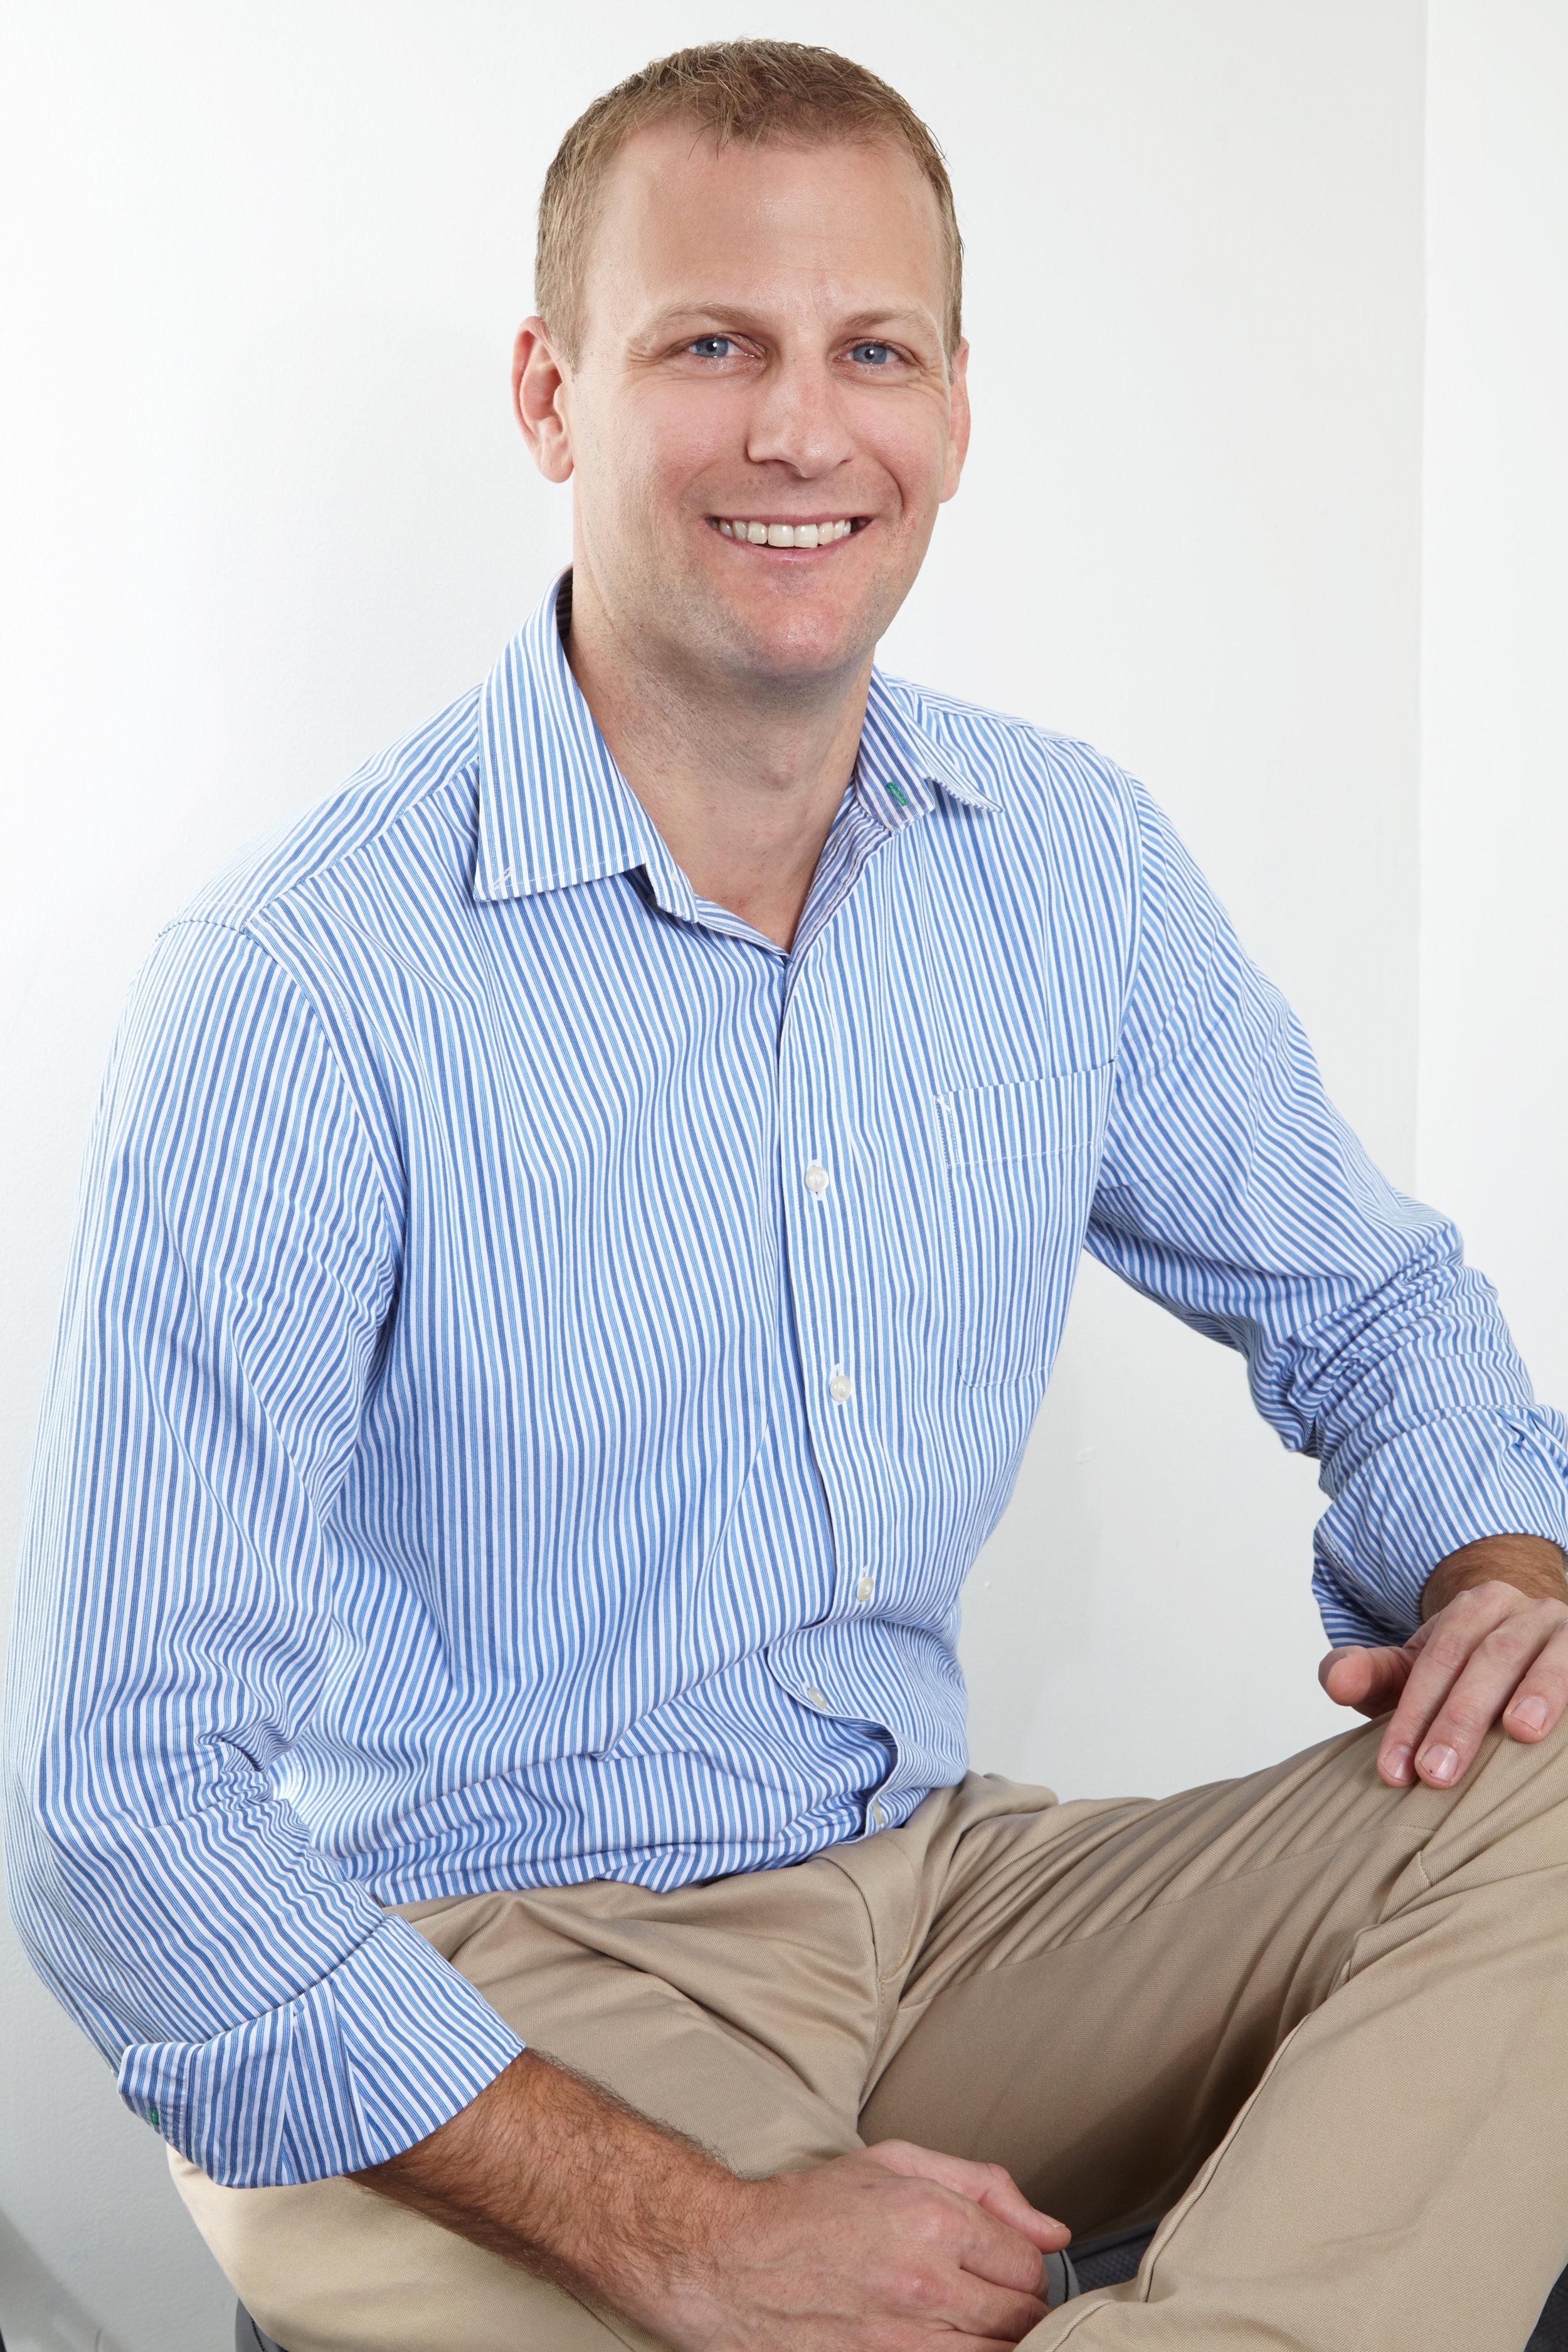 Dr. Scott Backofen